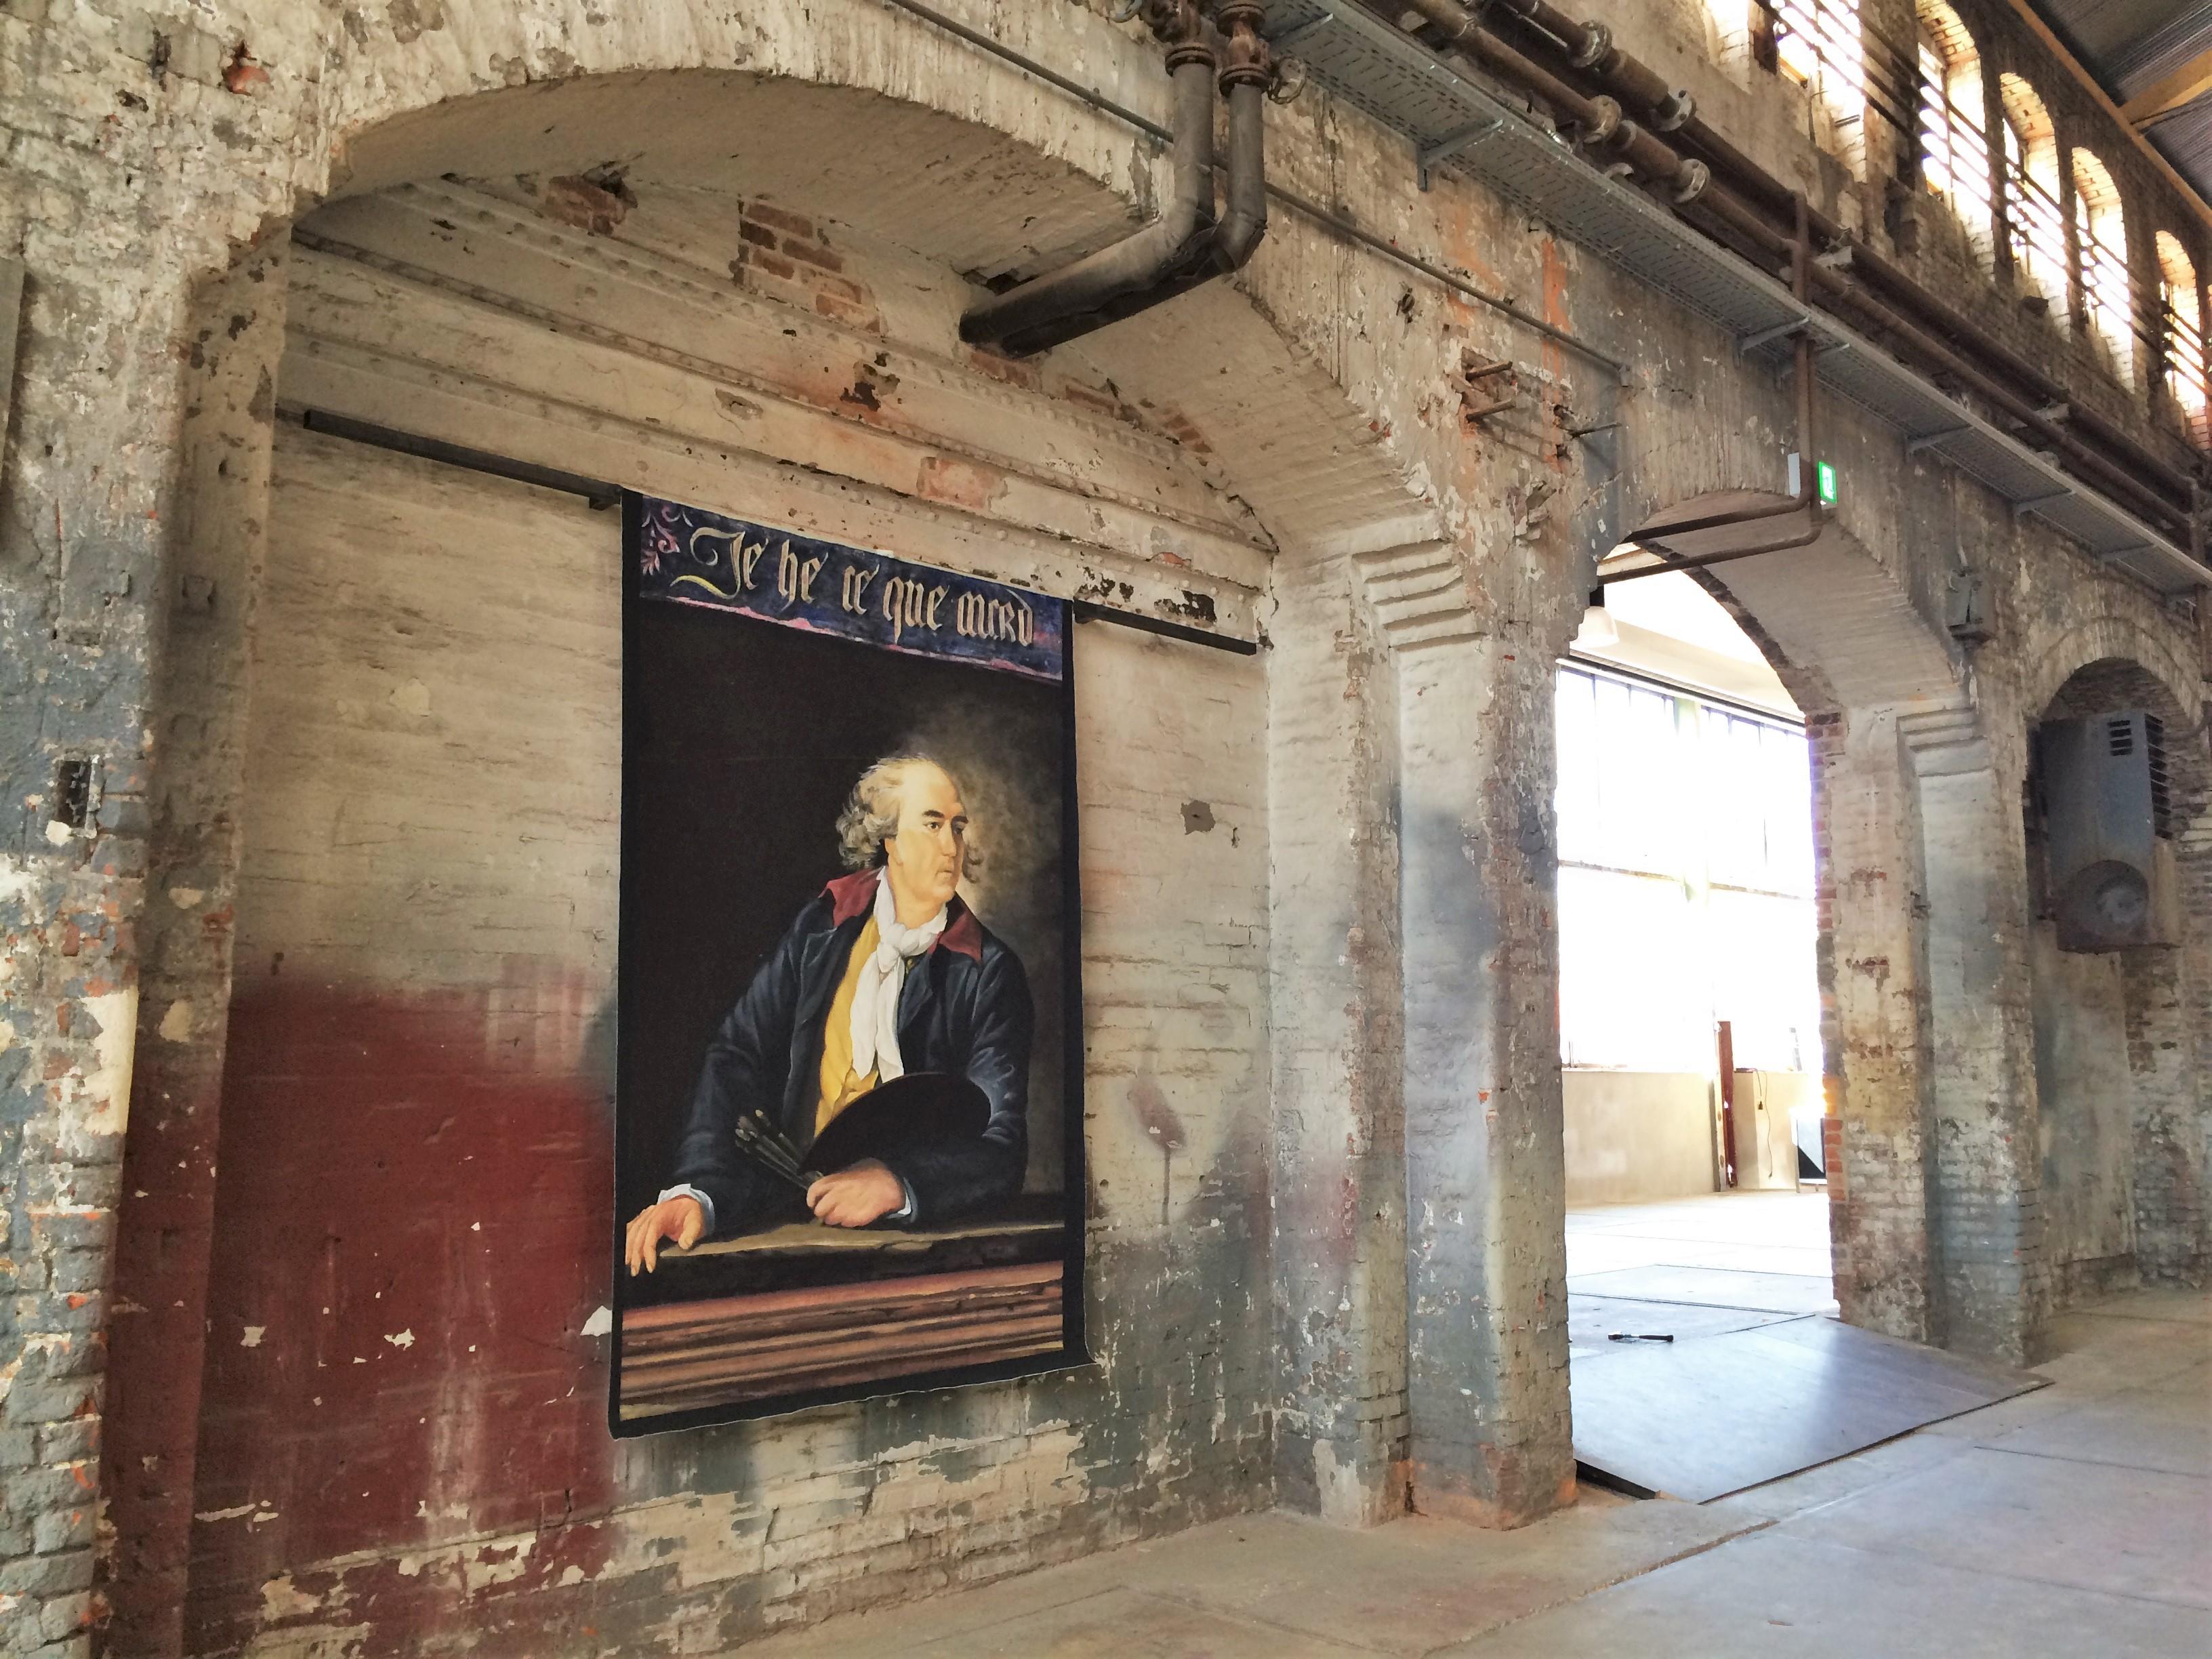 Künstlerportrait in Werkshalle